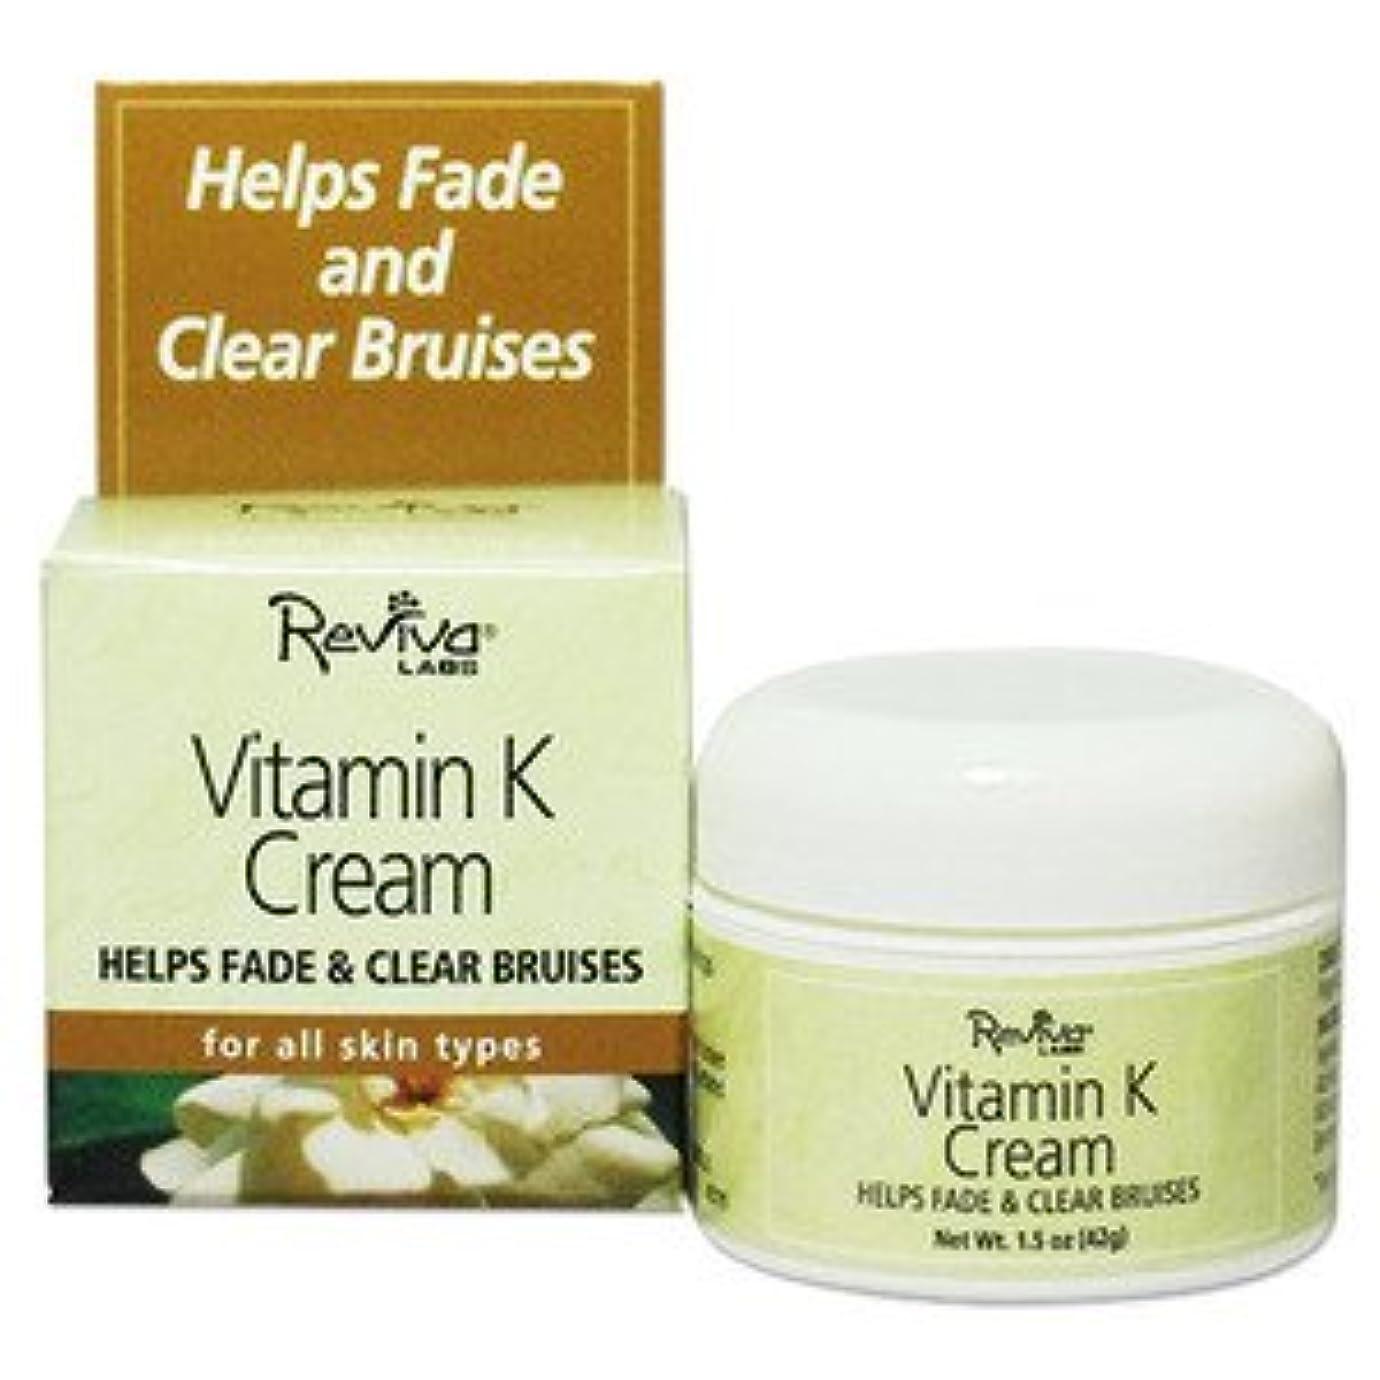 休憩する爆発する変化するReviva Labs レビバ社 Vitamin K Cream  (42 g)  ビタミンK クリーム 海外直送品